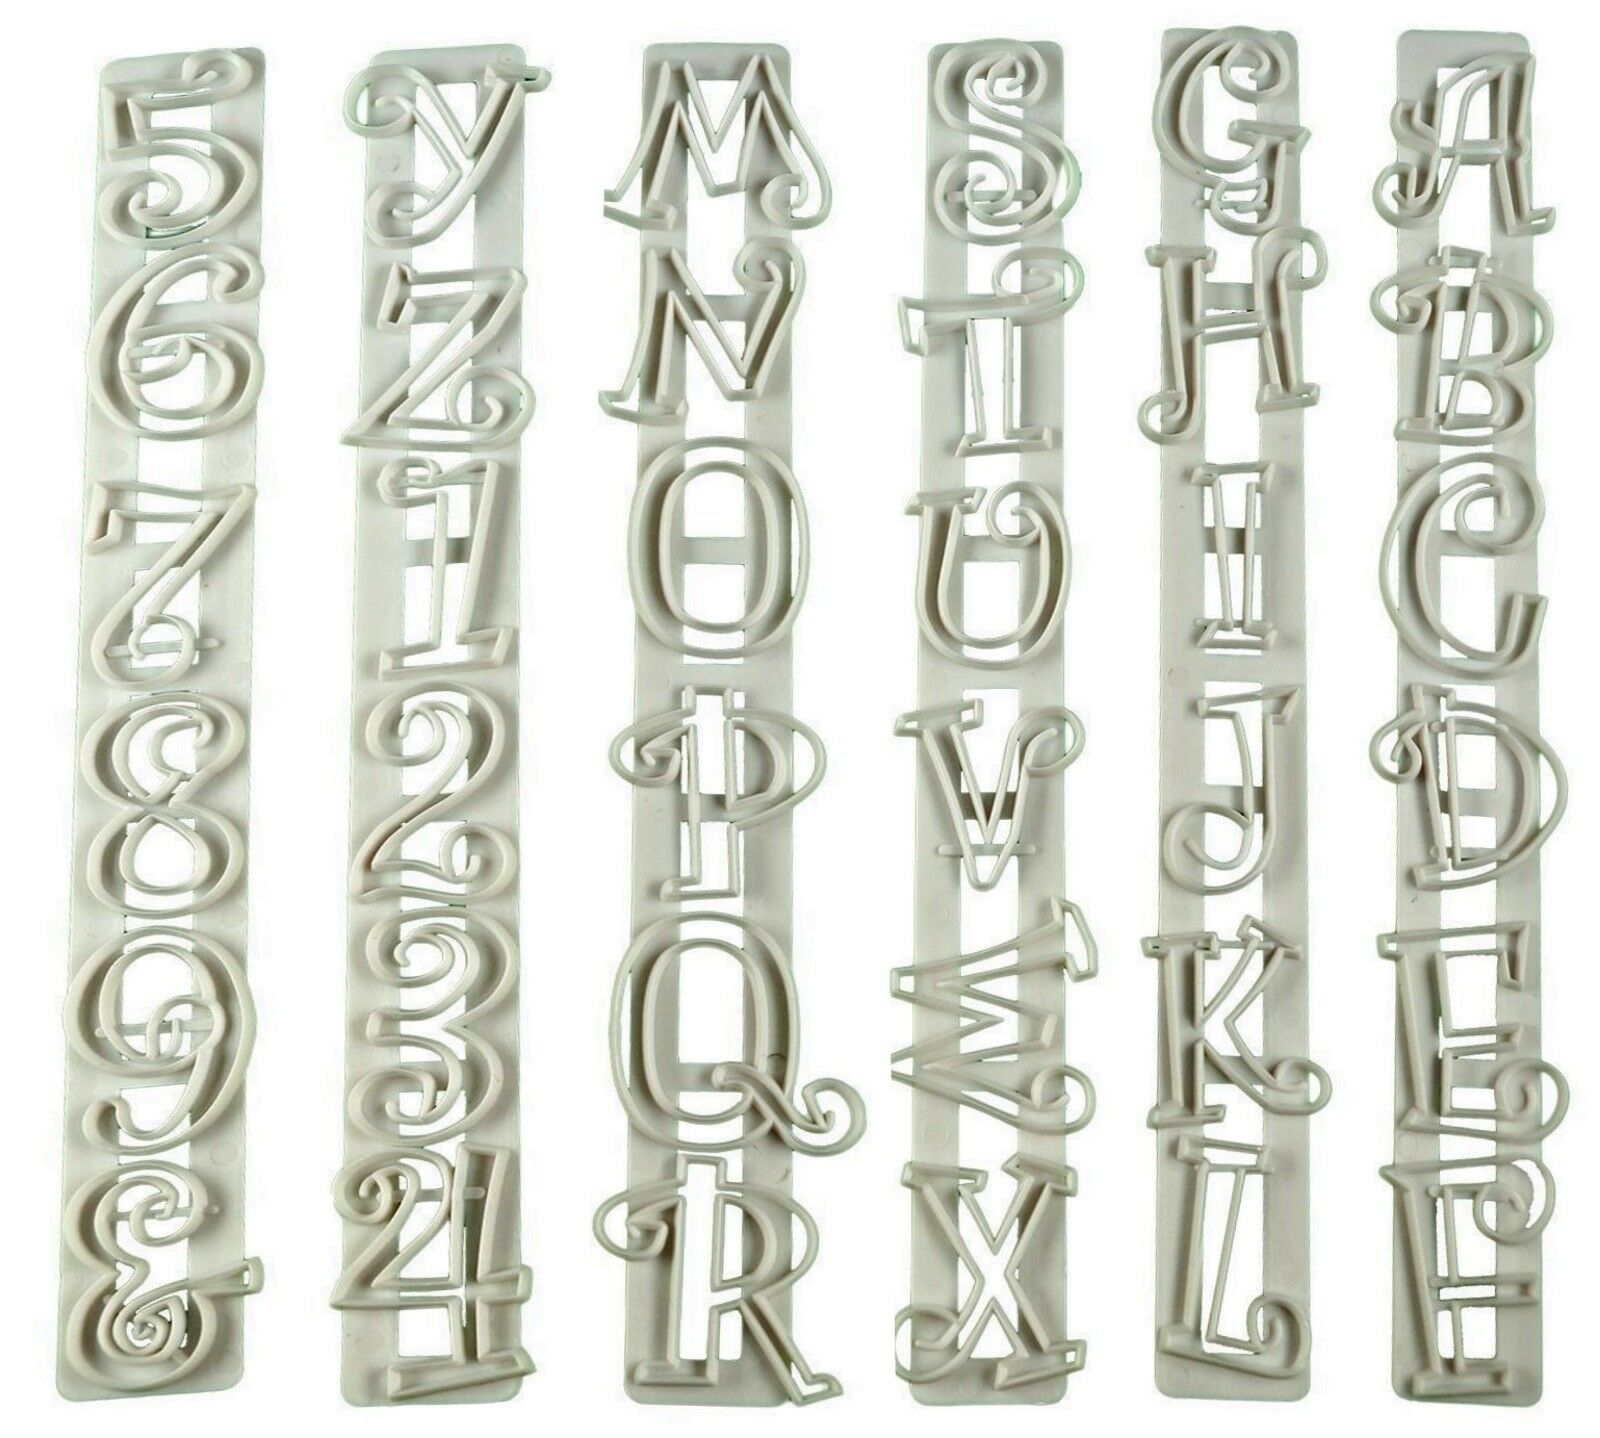 36Tlg Ausstechformen Buchstaben Zahlen Fondant Ausstecher Form Modellierwerkzeug